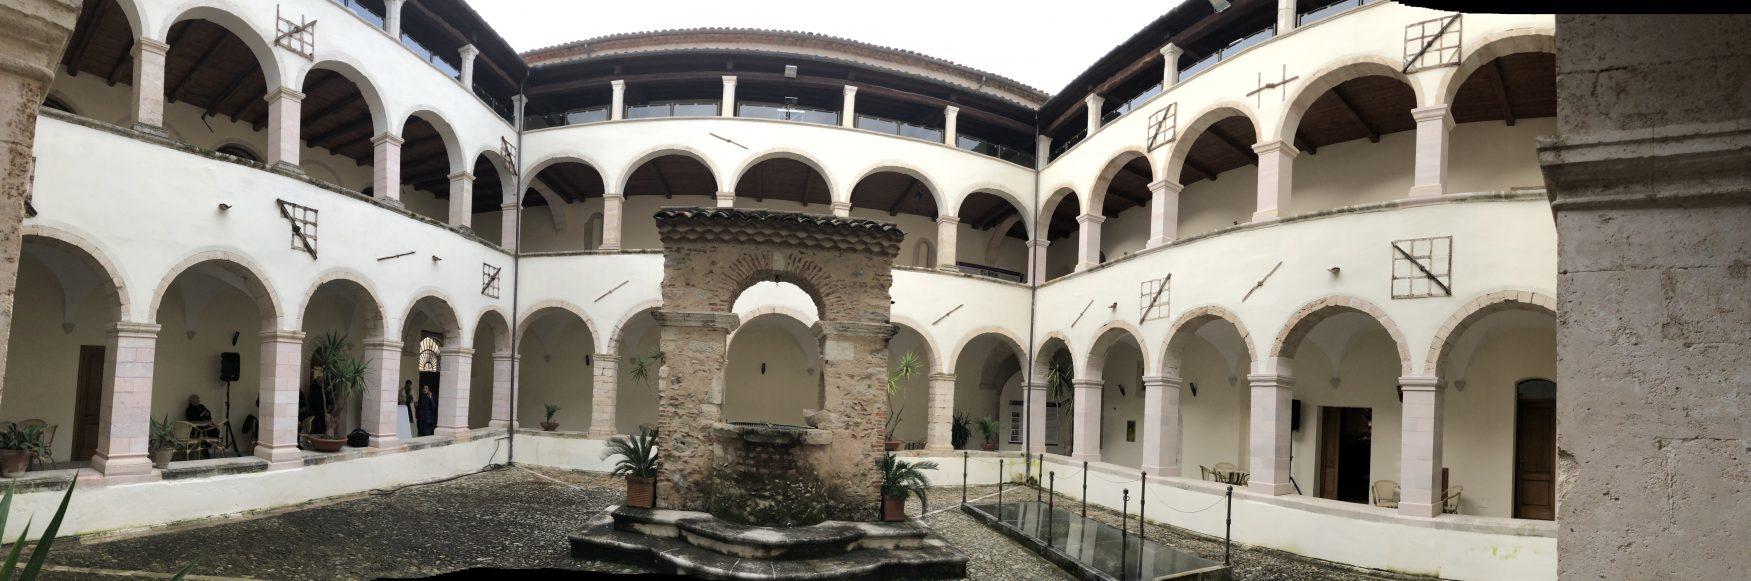 Blick in den Innenhof des Museo dei Bretti e degli Enotri in Cosenza